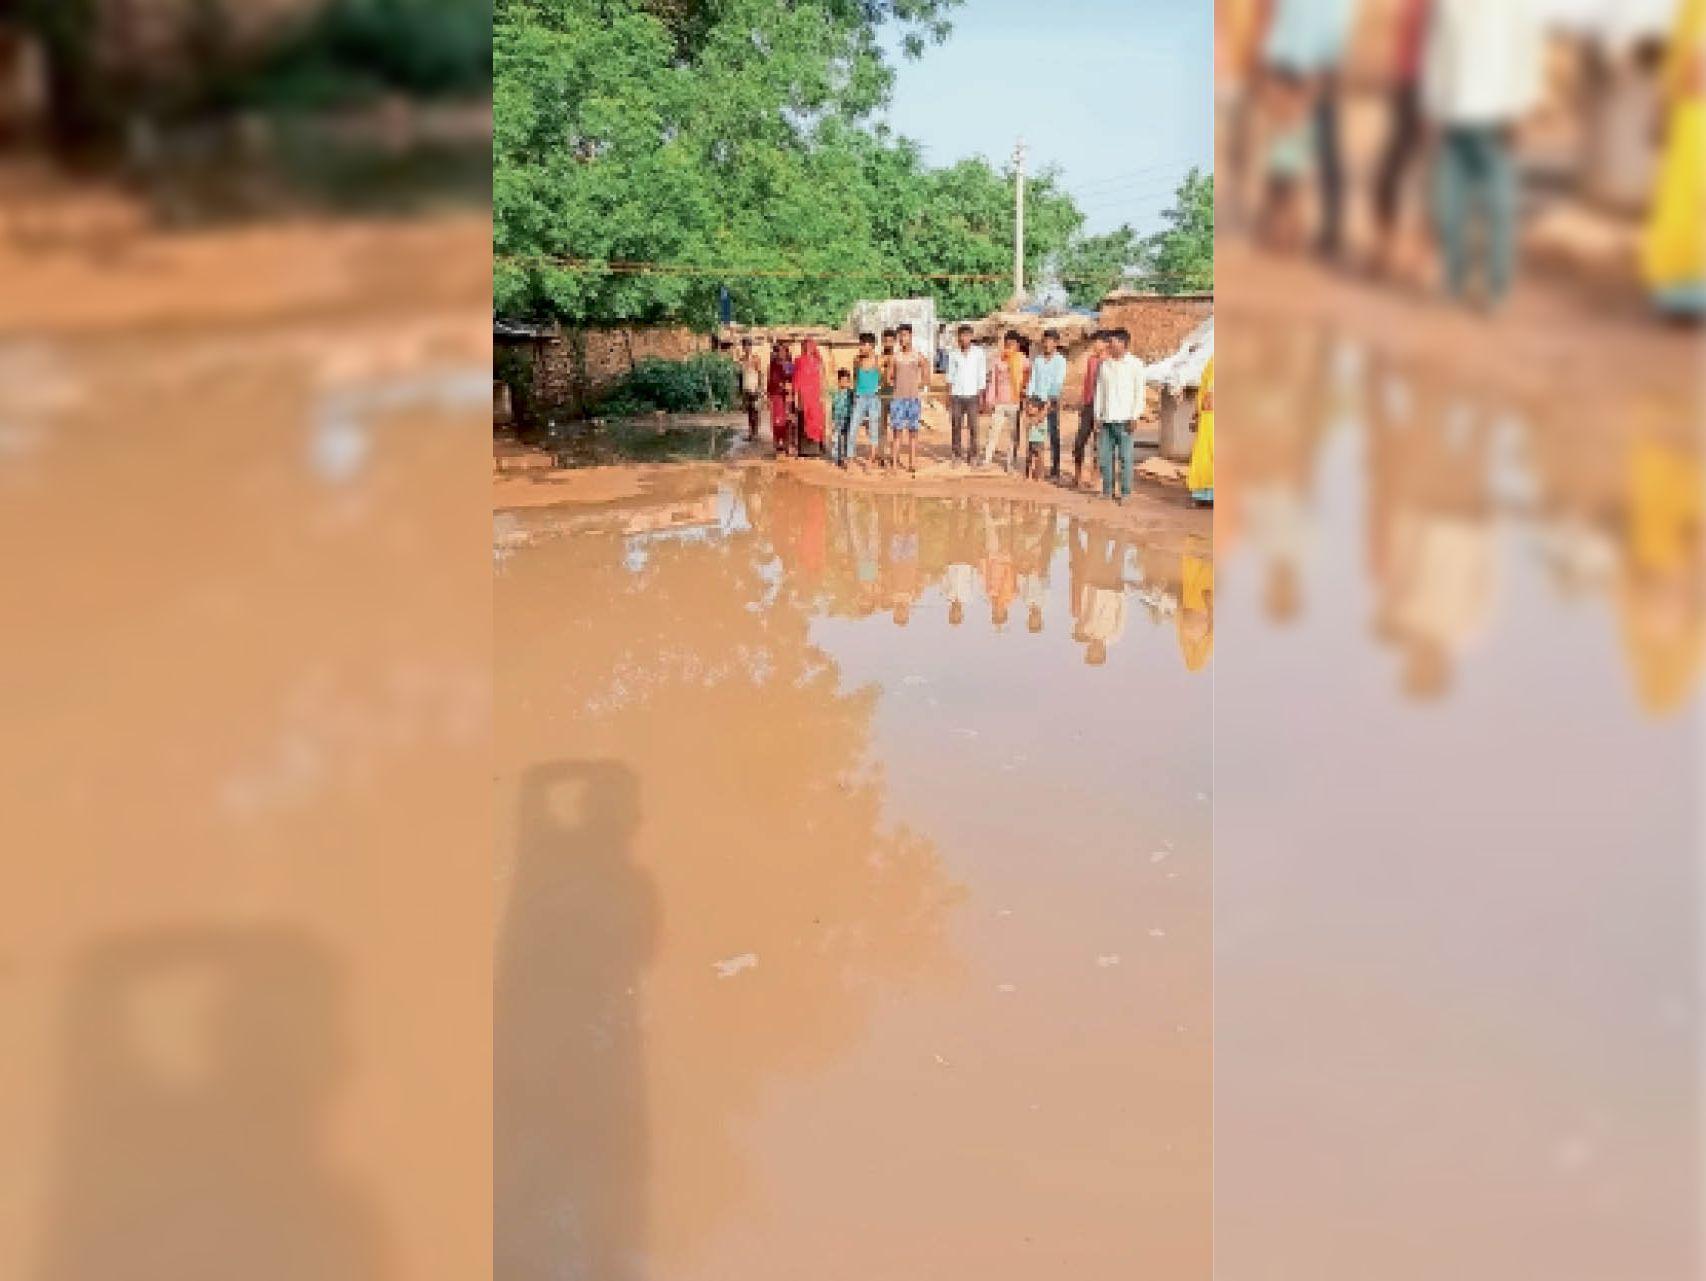 गांव में बस्ती में हुआ जलभराव लोगों का घर से निकलना हुआ मुश्किल। - Dainik Bhaskar